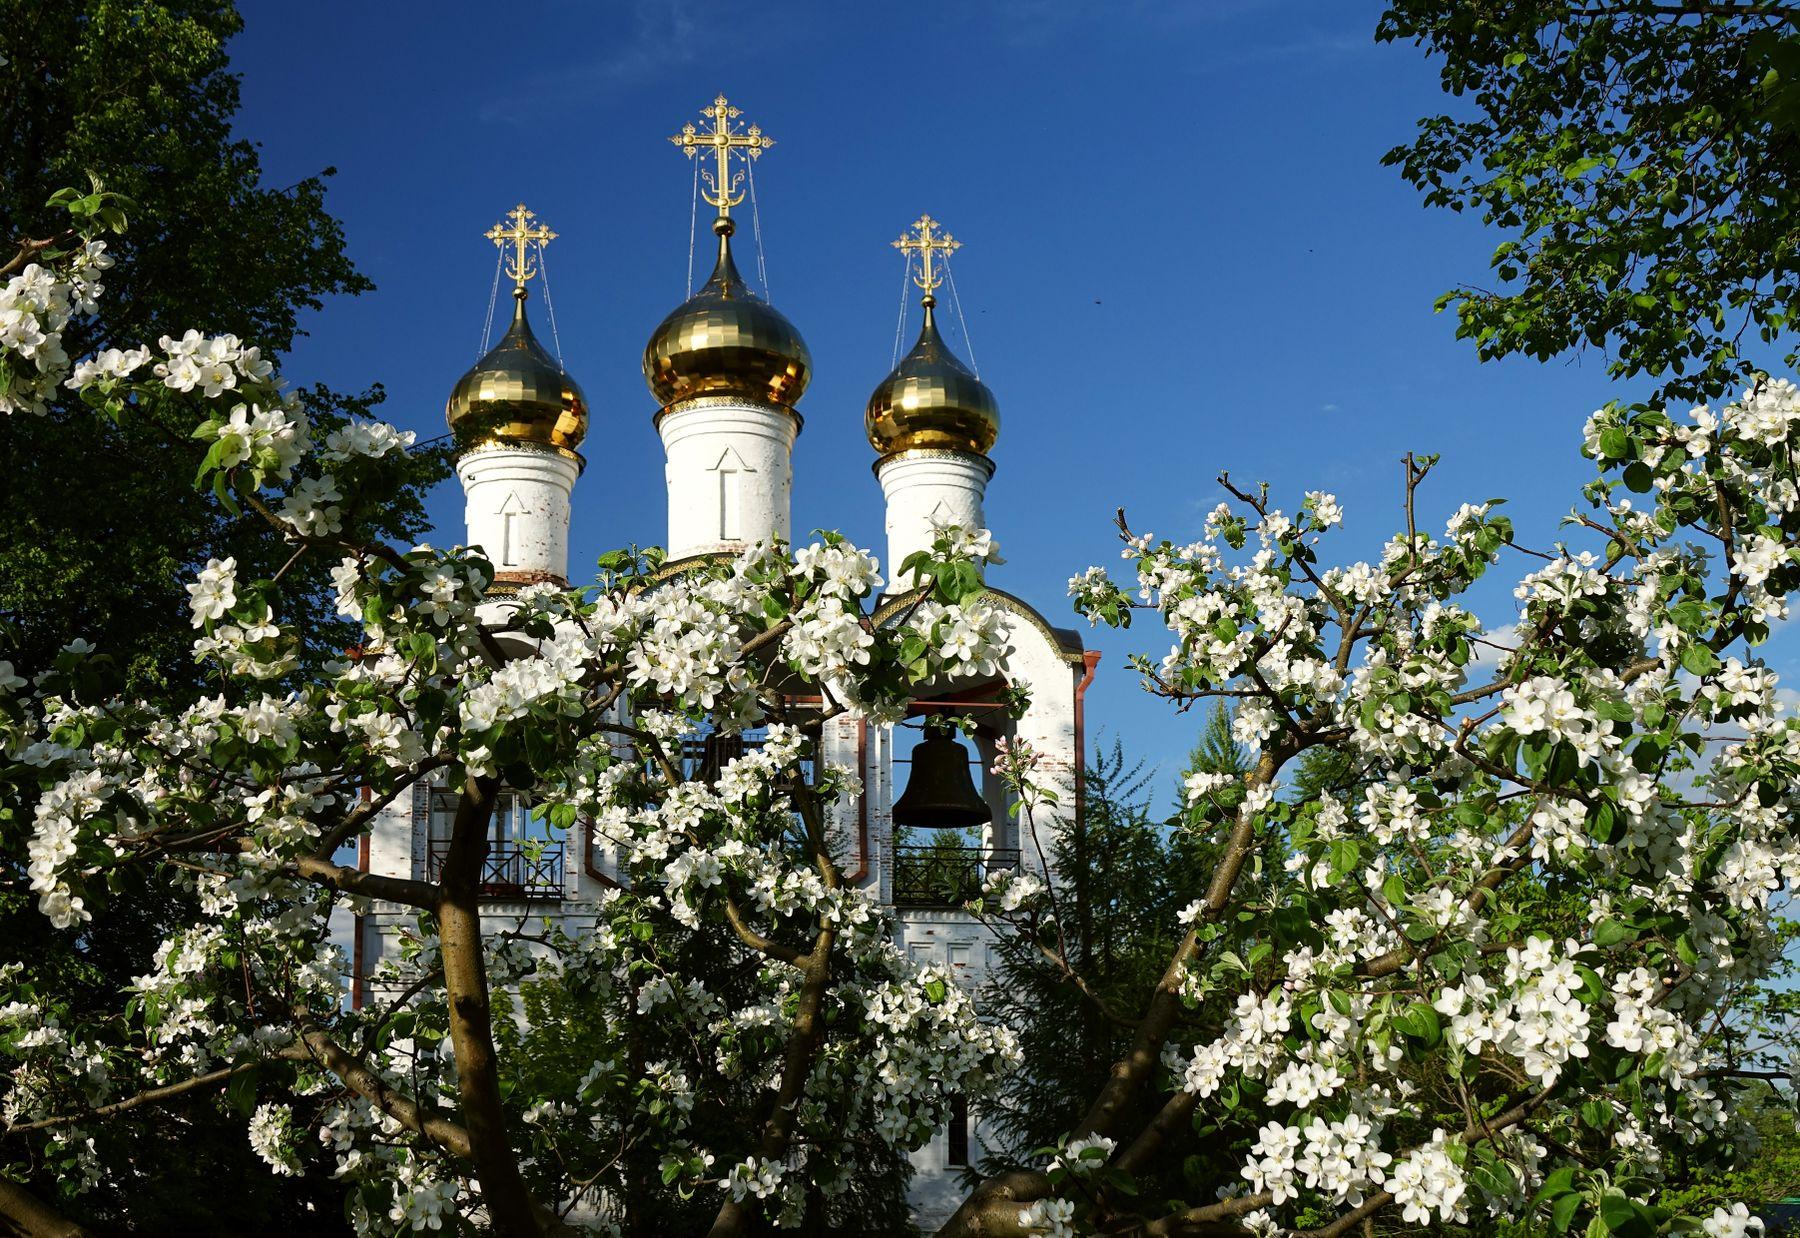 Весна в монастырском саду цветущие яблони монастырь